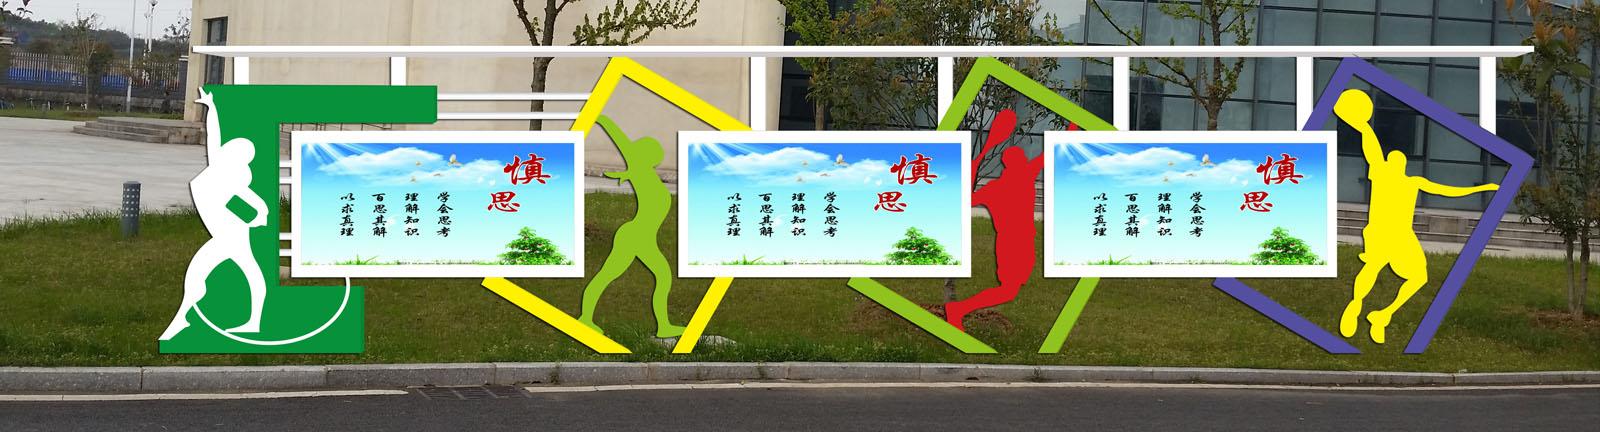 漯河公交候车亭